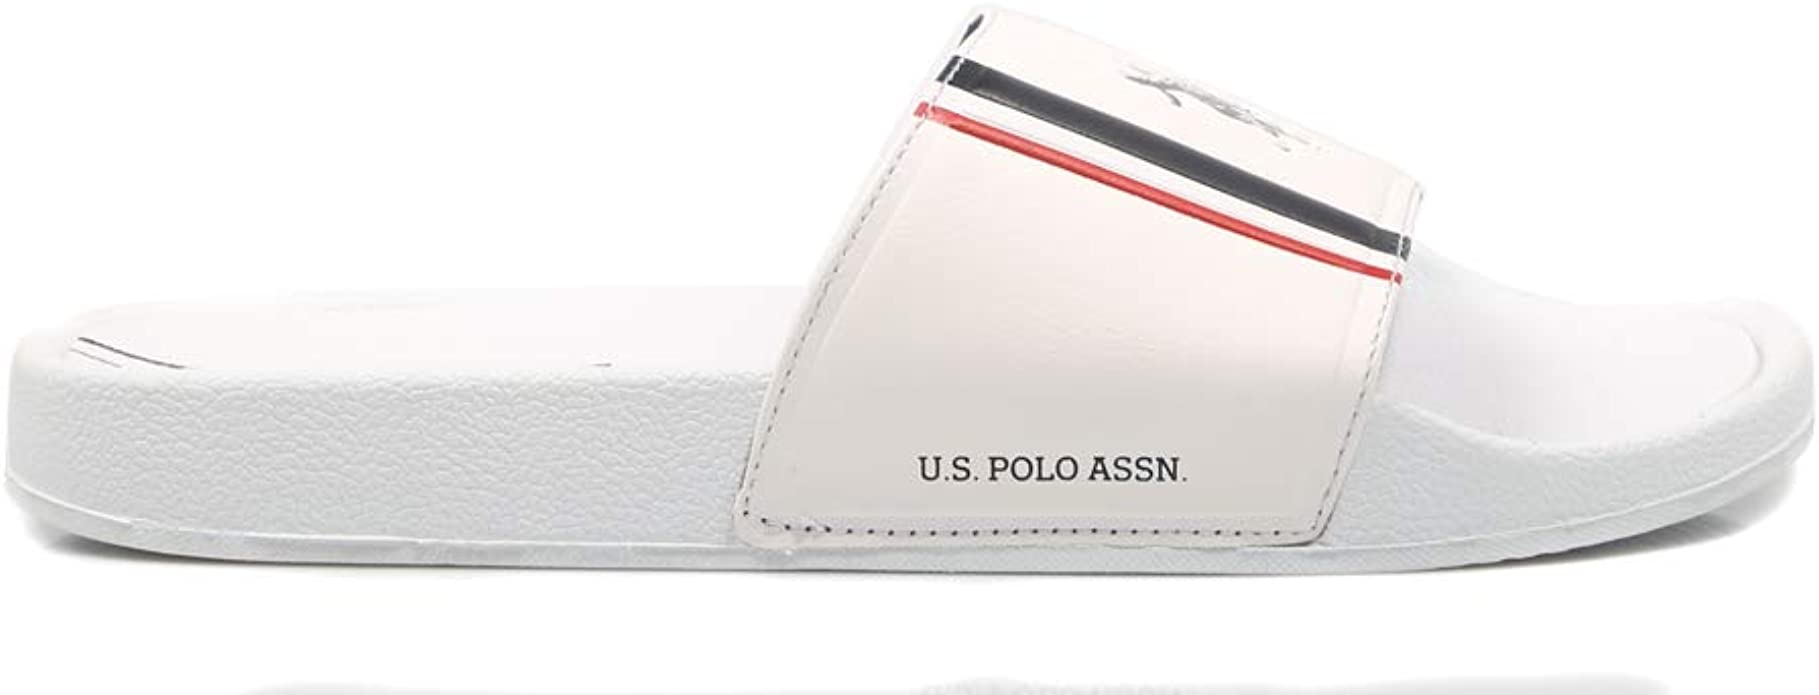 U.S. POLO ASSN NASSO White FUN2107S9/G1 Chanclas para Hombre, 42 ...